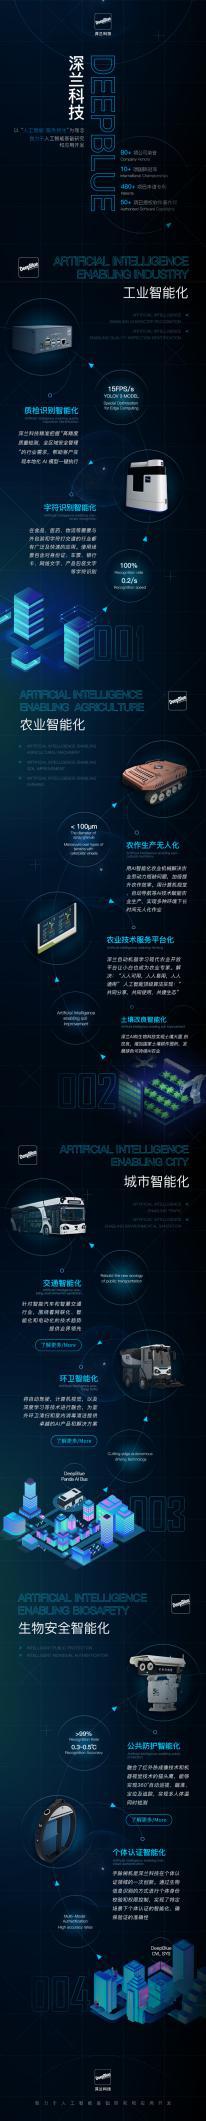 深兰科技亮相2020世界人工智能大会云端峰会,发力工业智能化